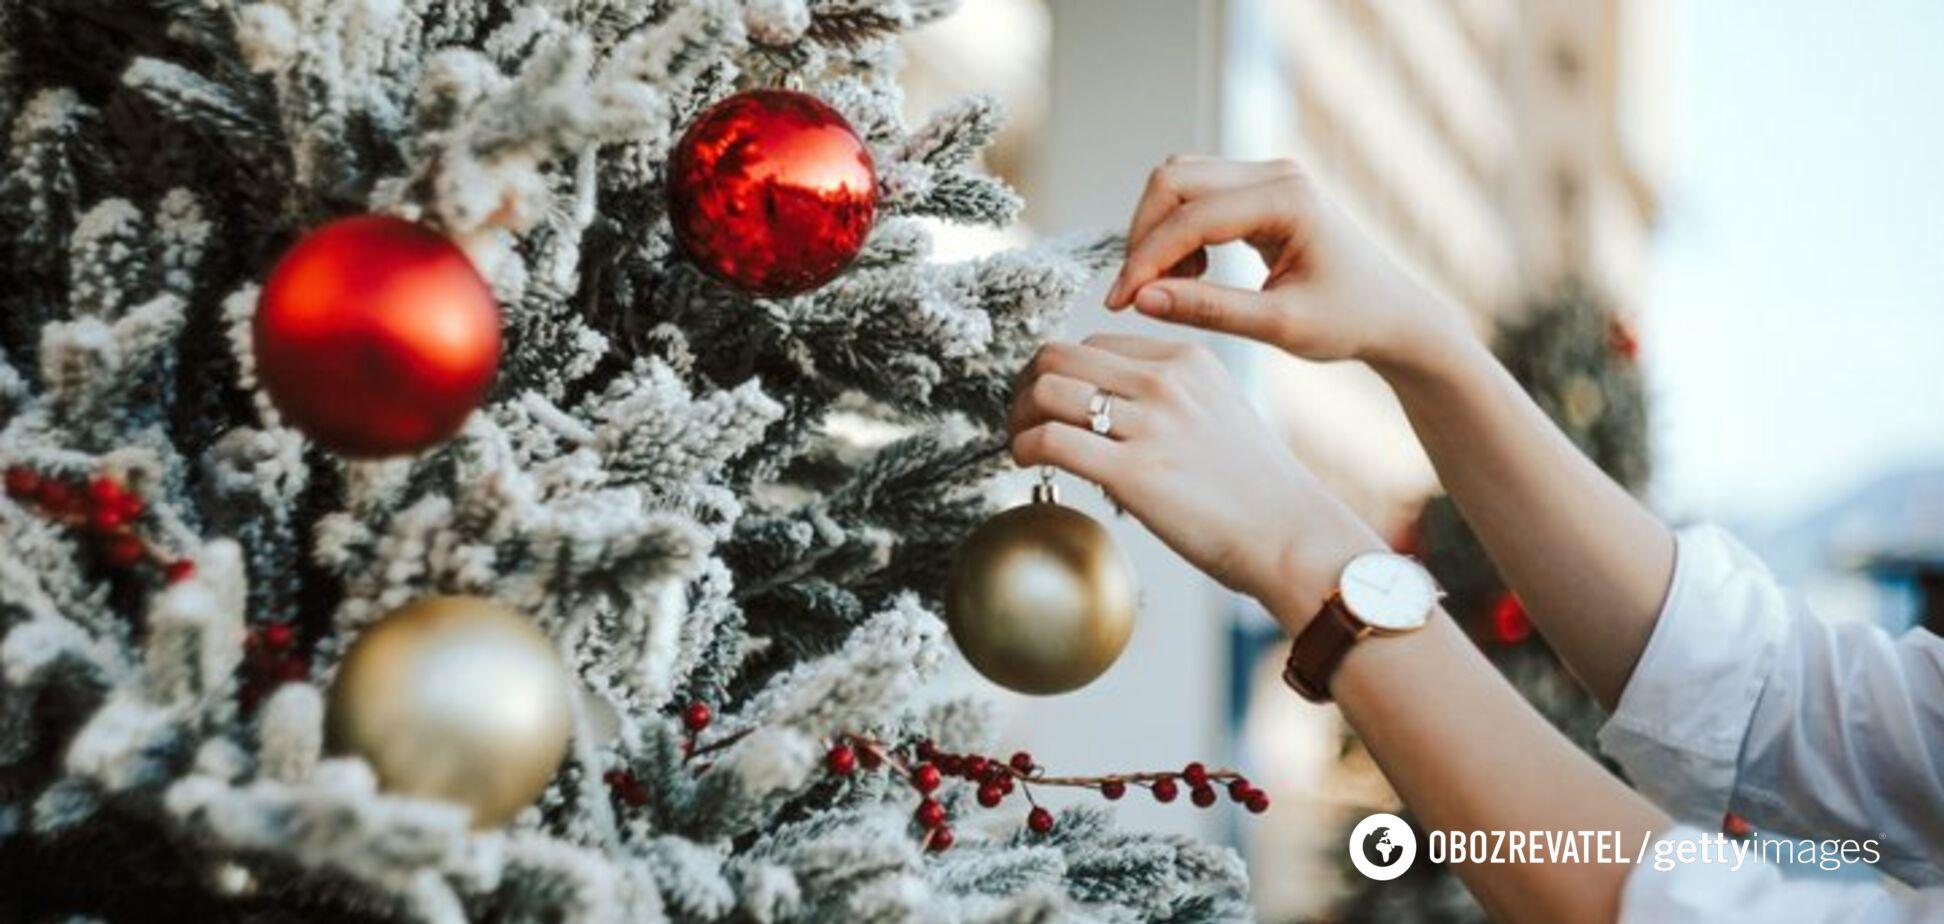 Немає святкового настрою? Психологиня дала пораду на Новий рік